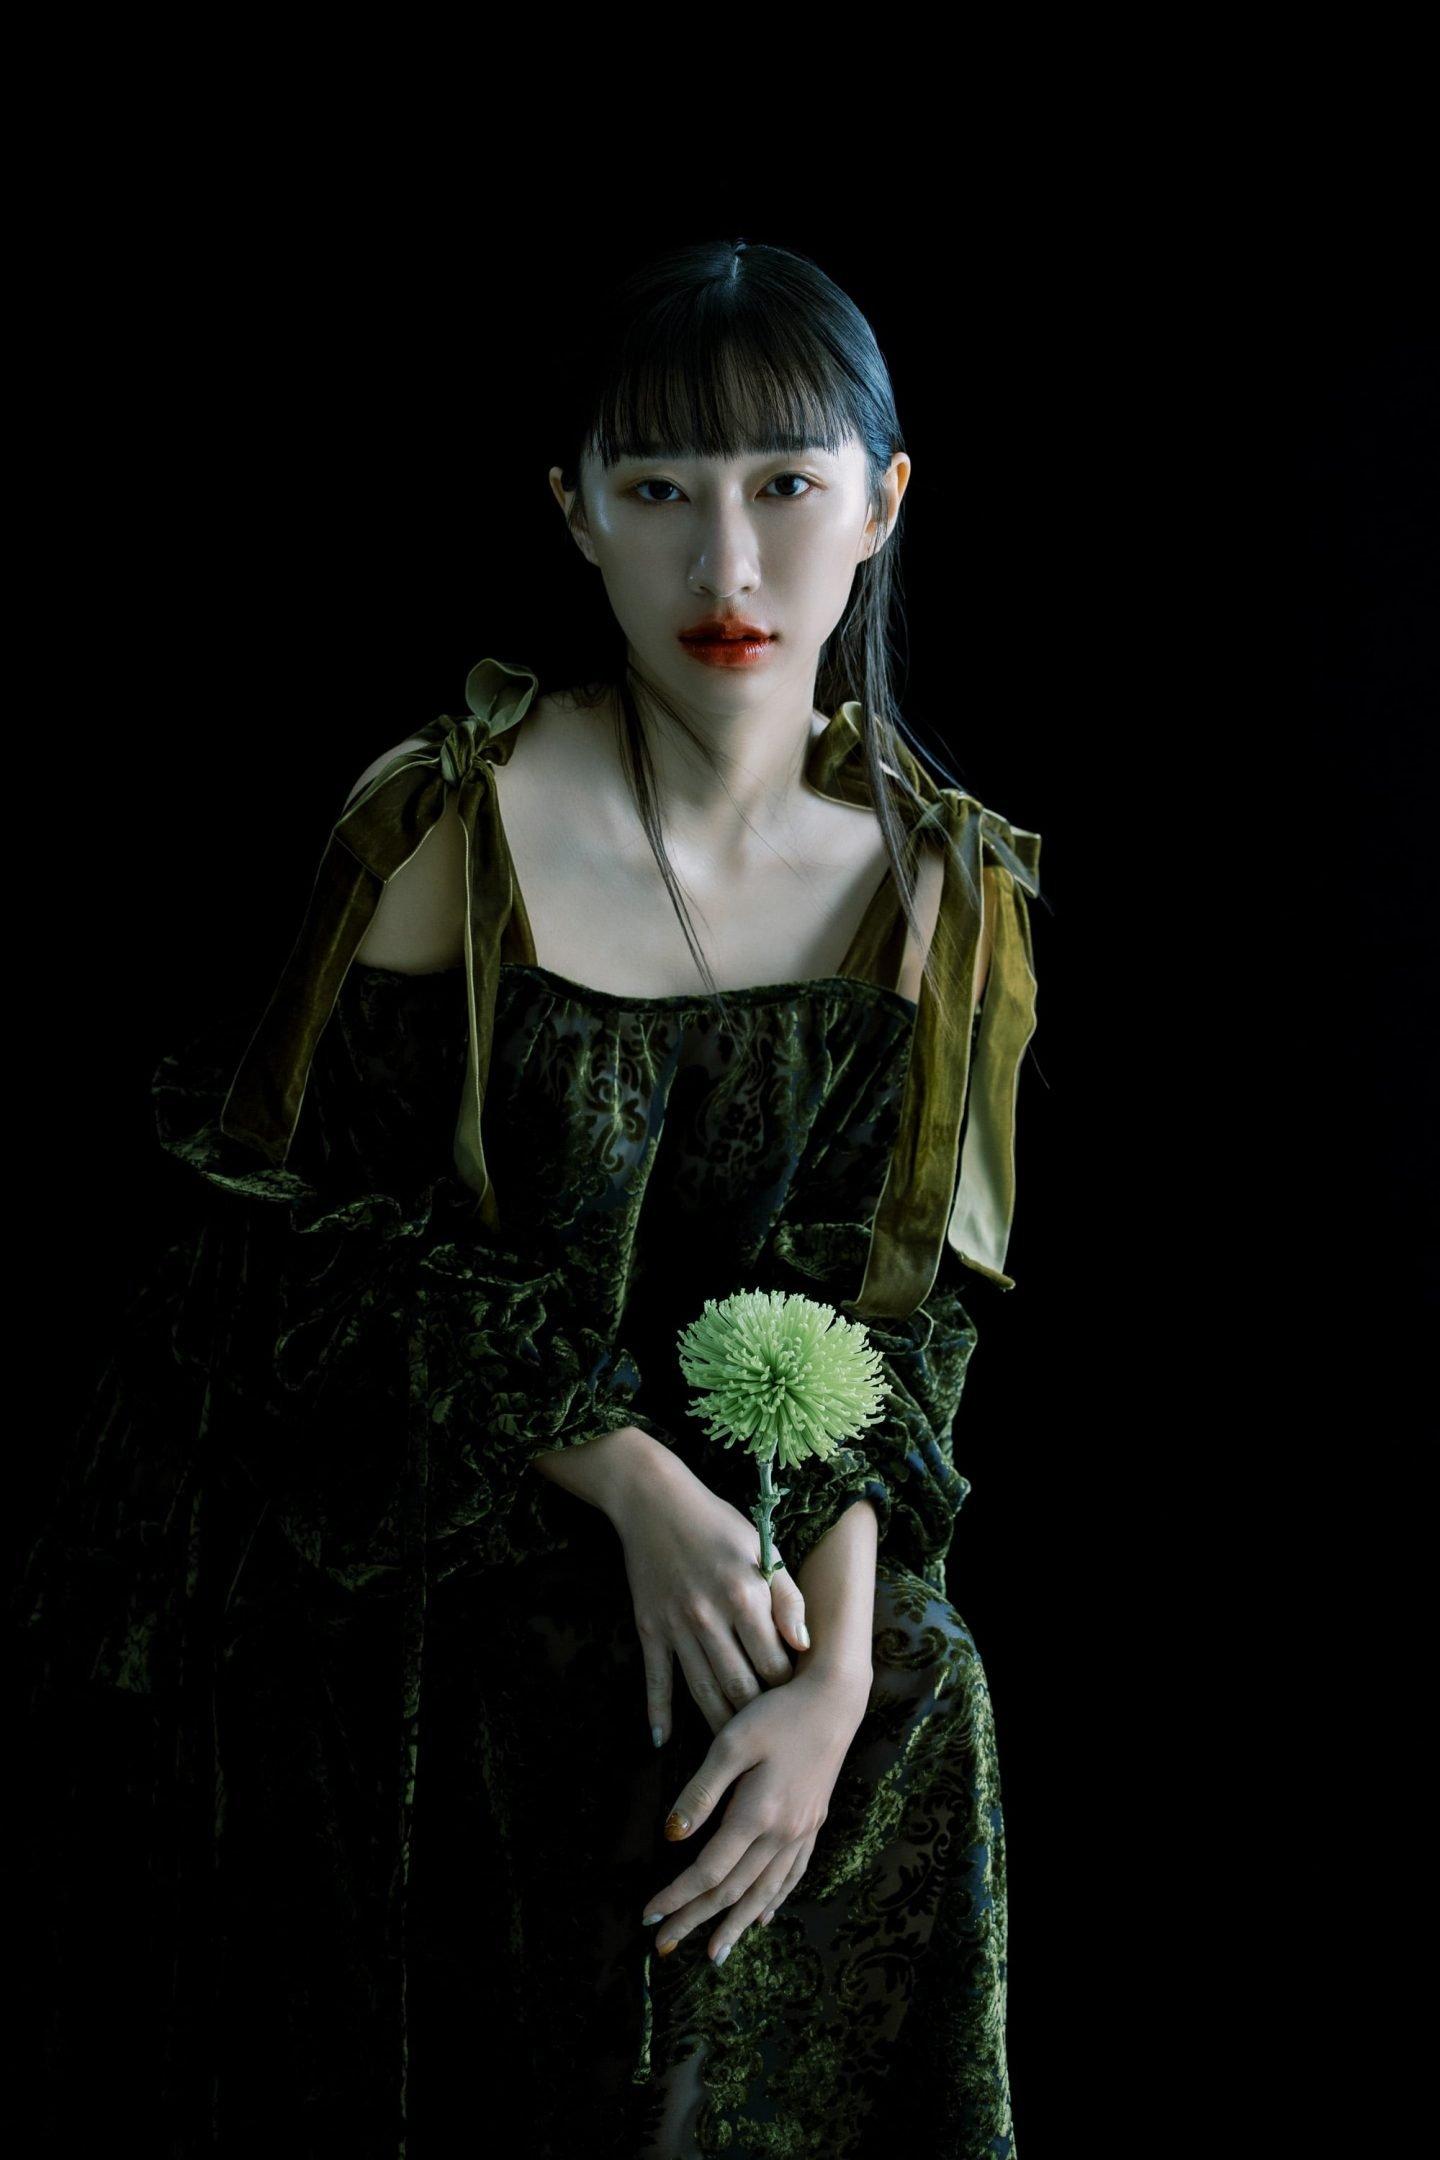 IGNANT-Photography-Zhang-Ahuei-016